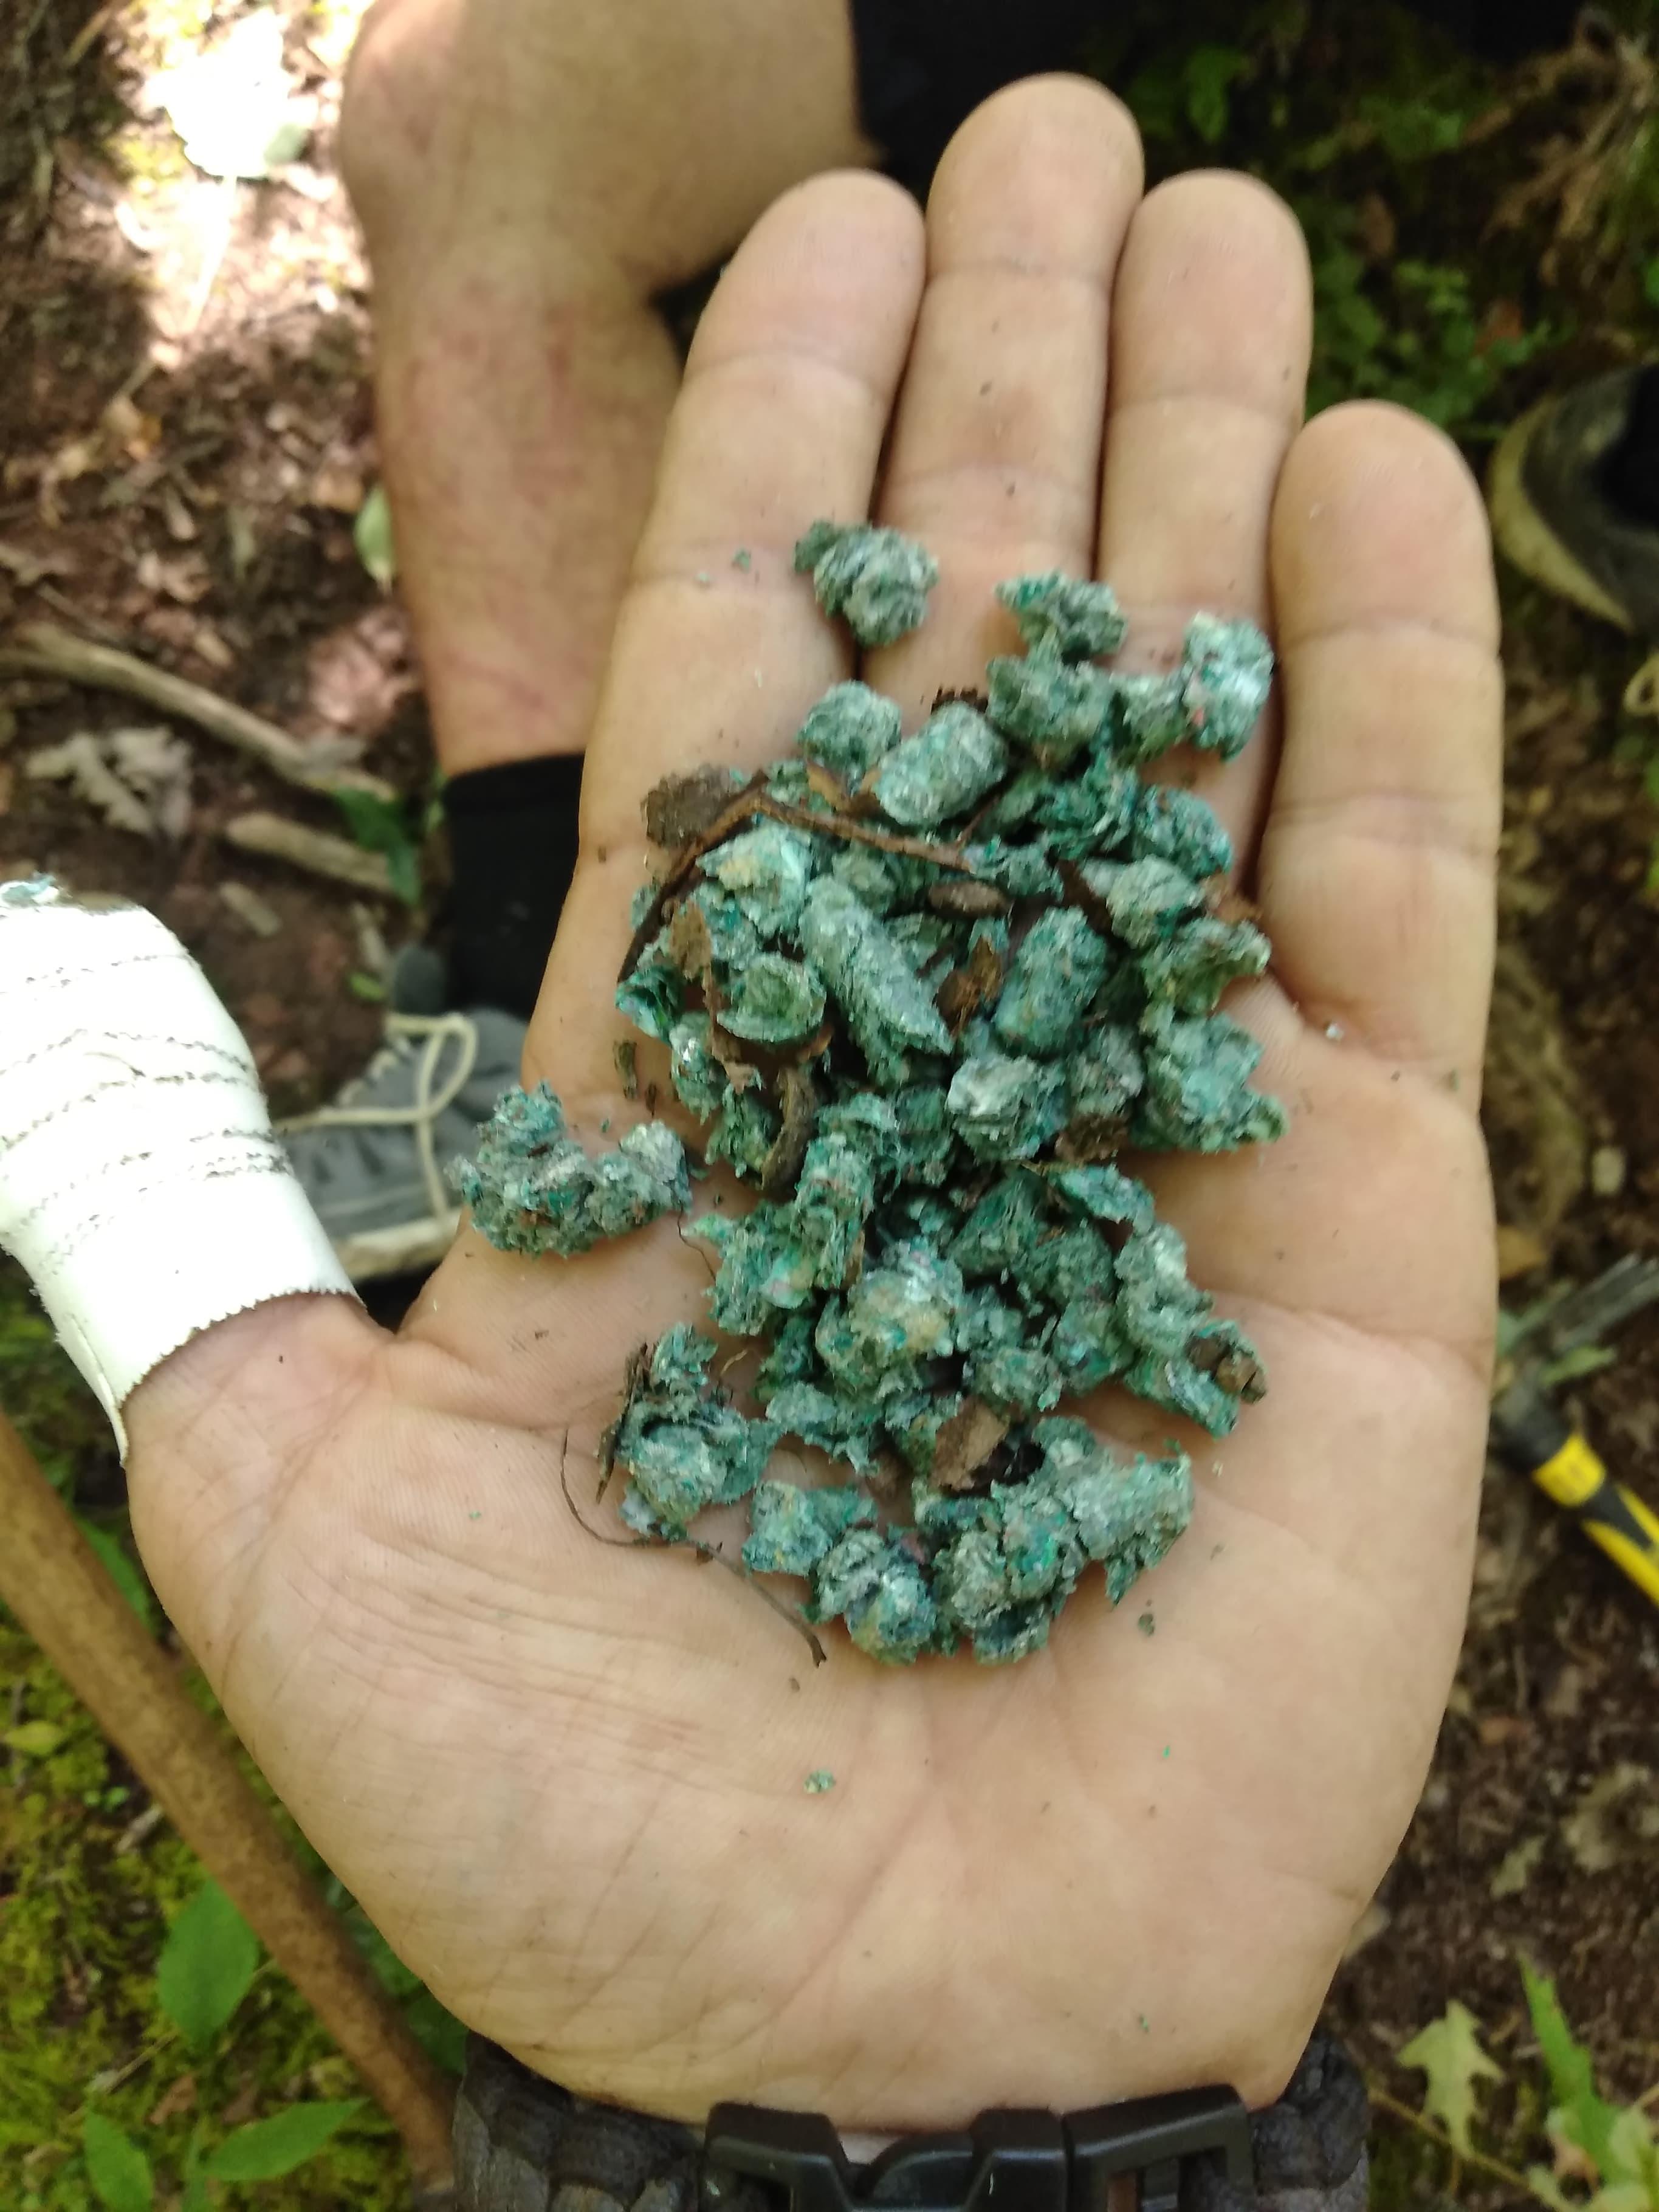 erosion control pellets